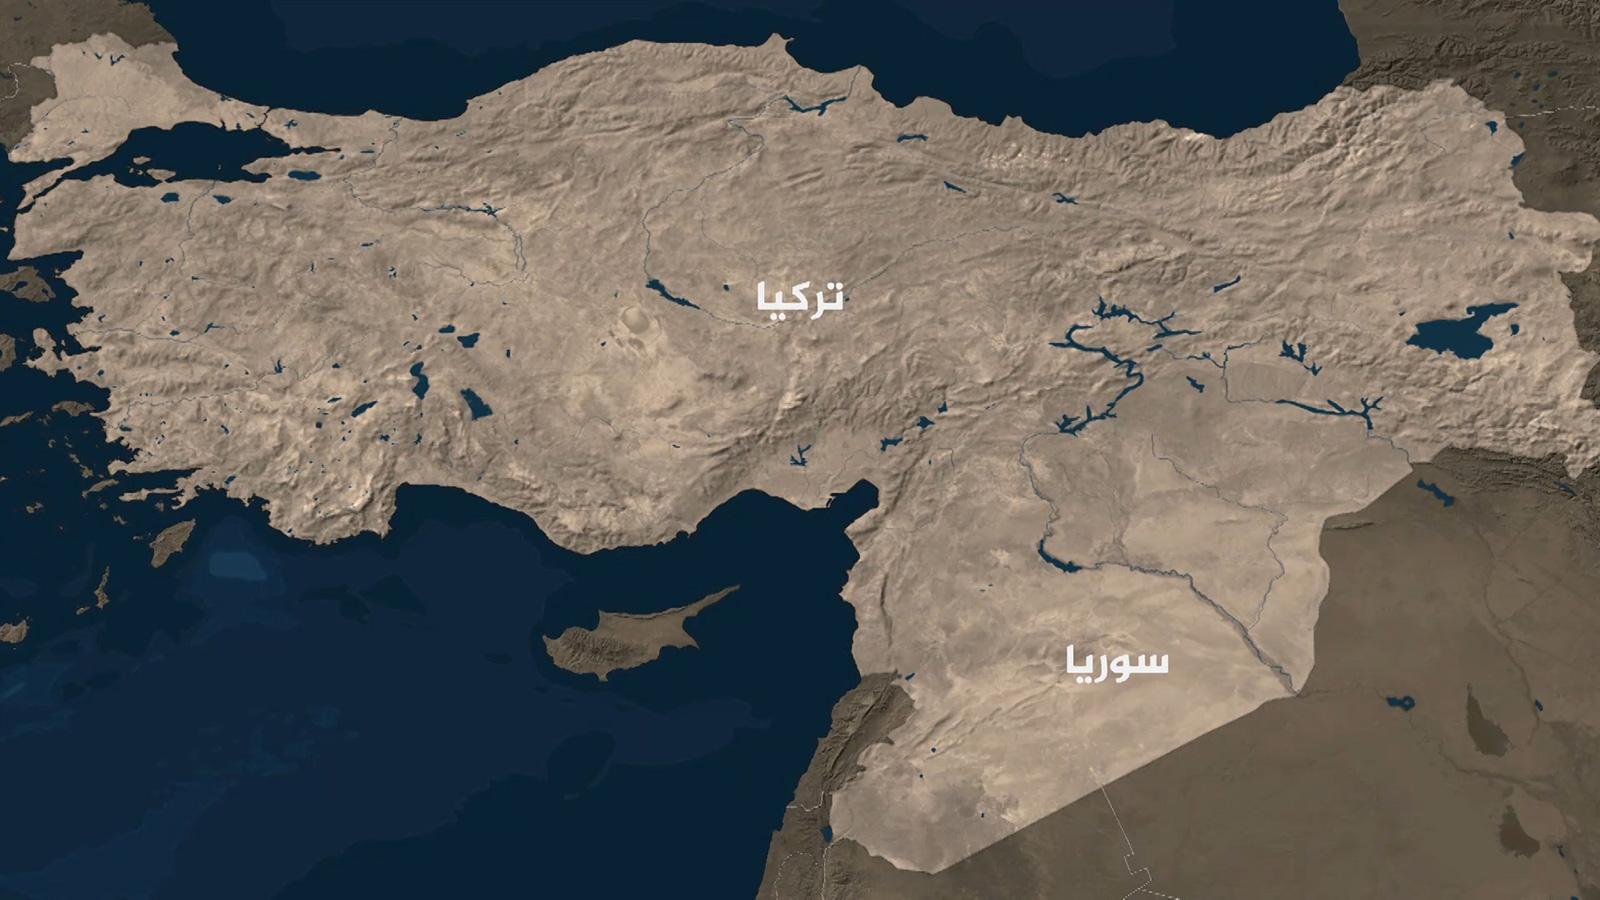 بالصور خريطة تركيا بالعربي , بالصور تعرف علي مدن تركيا من خلال خريطة عربي unnamed file 148